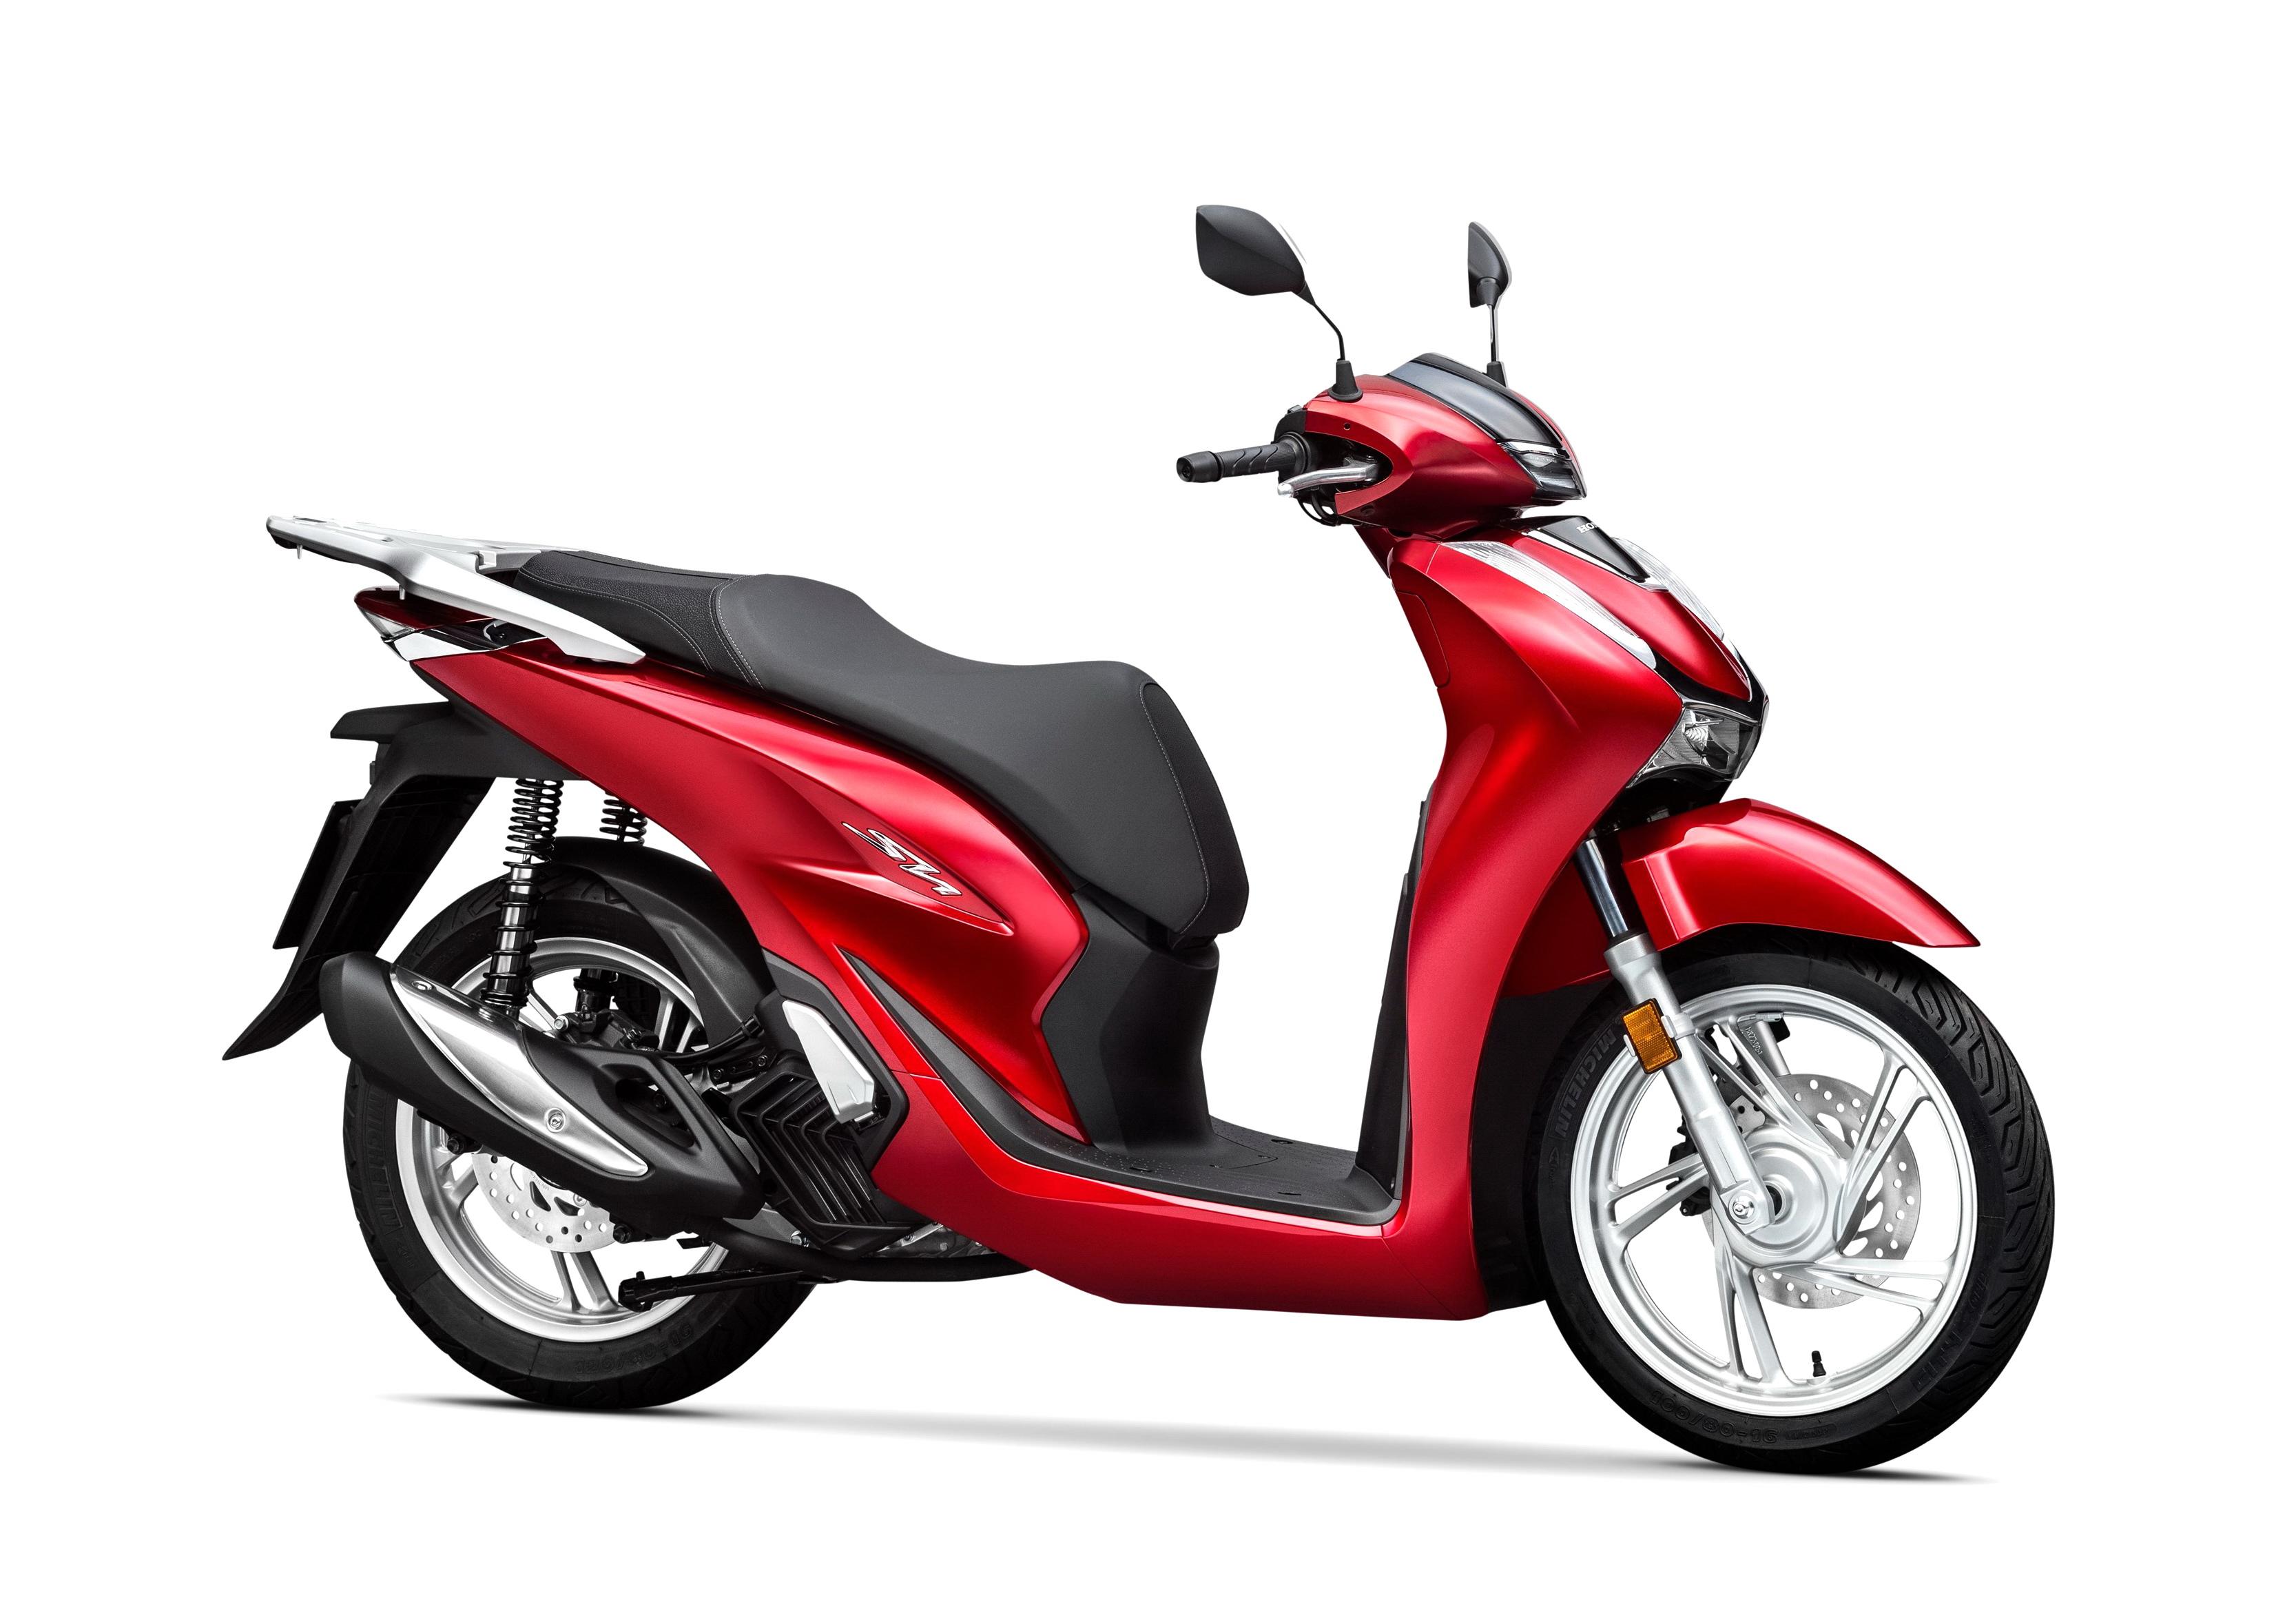 意大利七月摩托車銷量,TRK502 居騎式車榜首